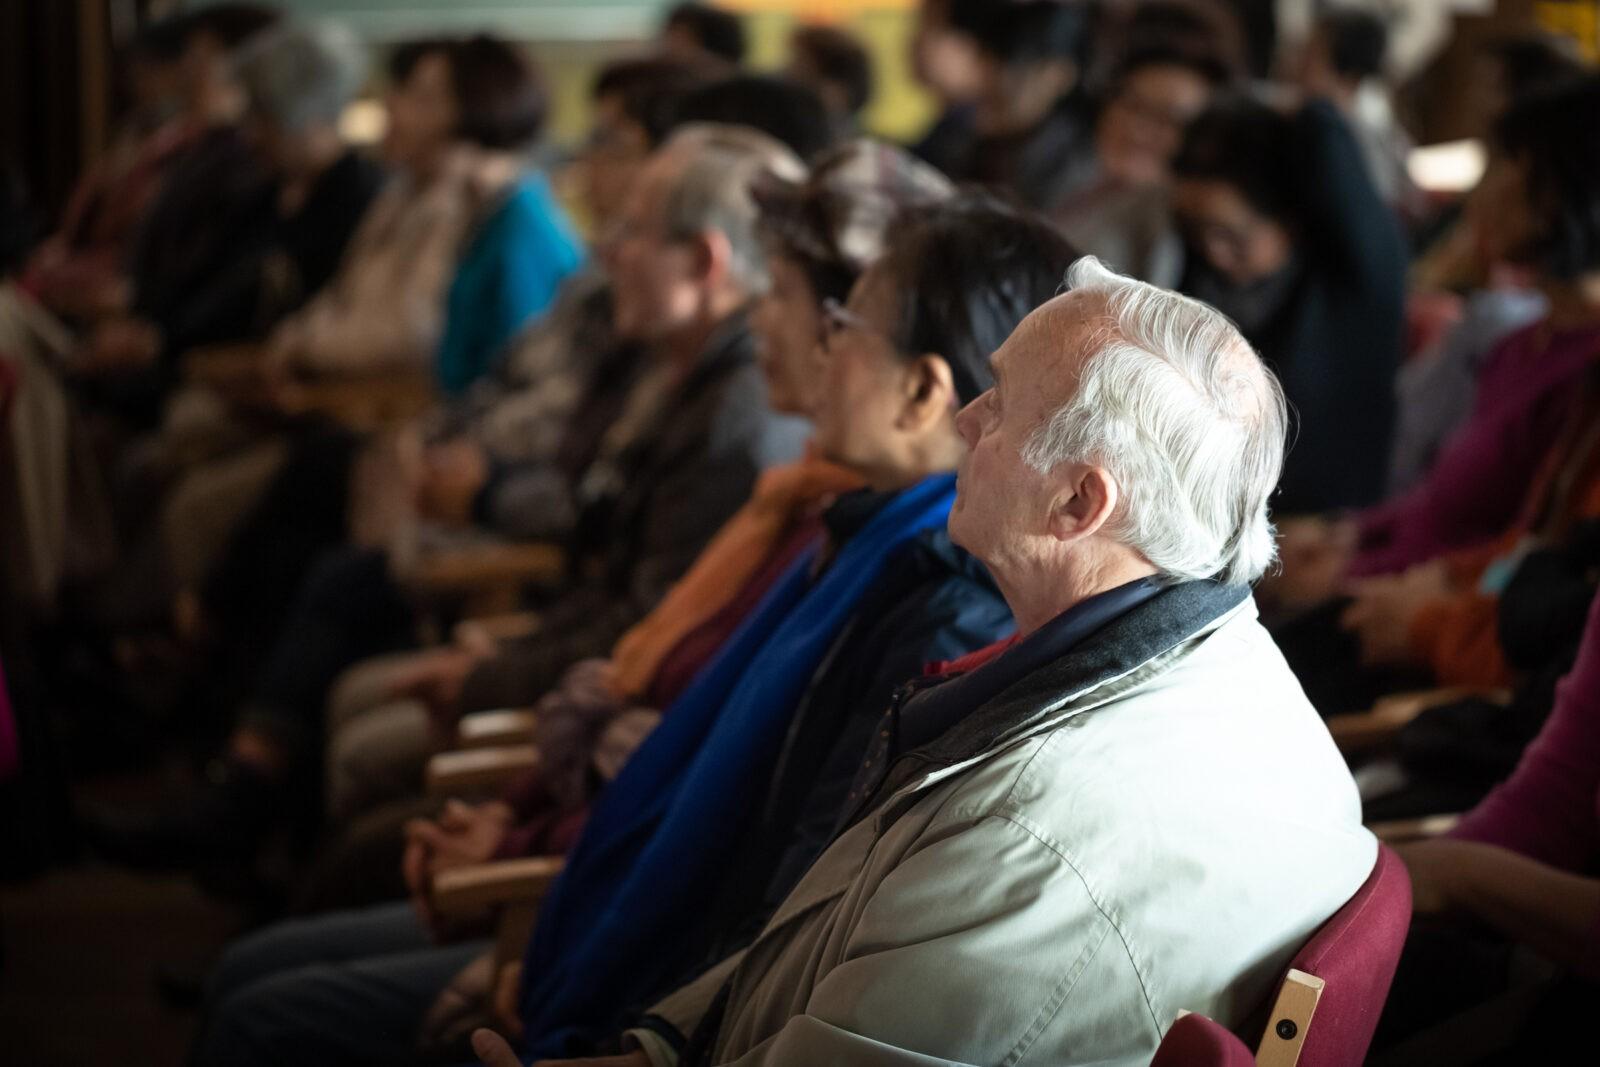 사단법인 해로와 파독 근로자 보건건강 관리사업 베를린지부가 공동 주최한 <제3회 치매 예방의 날> 성황리에 마쳐.